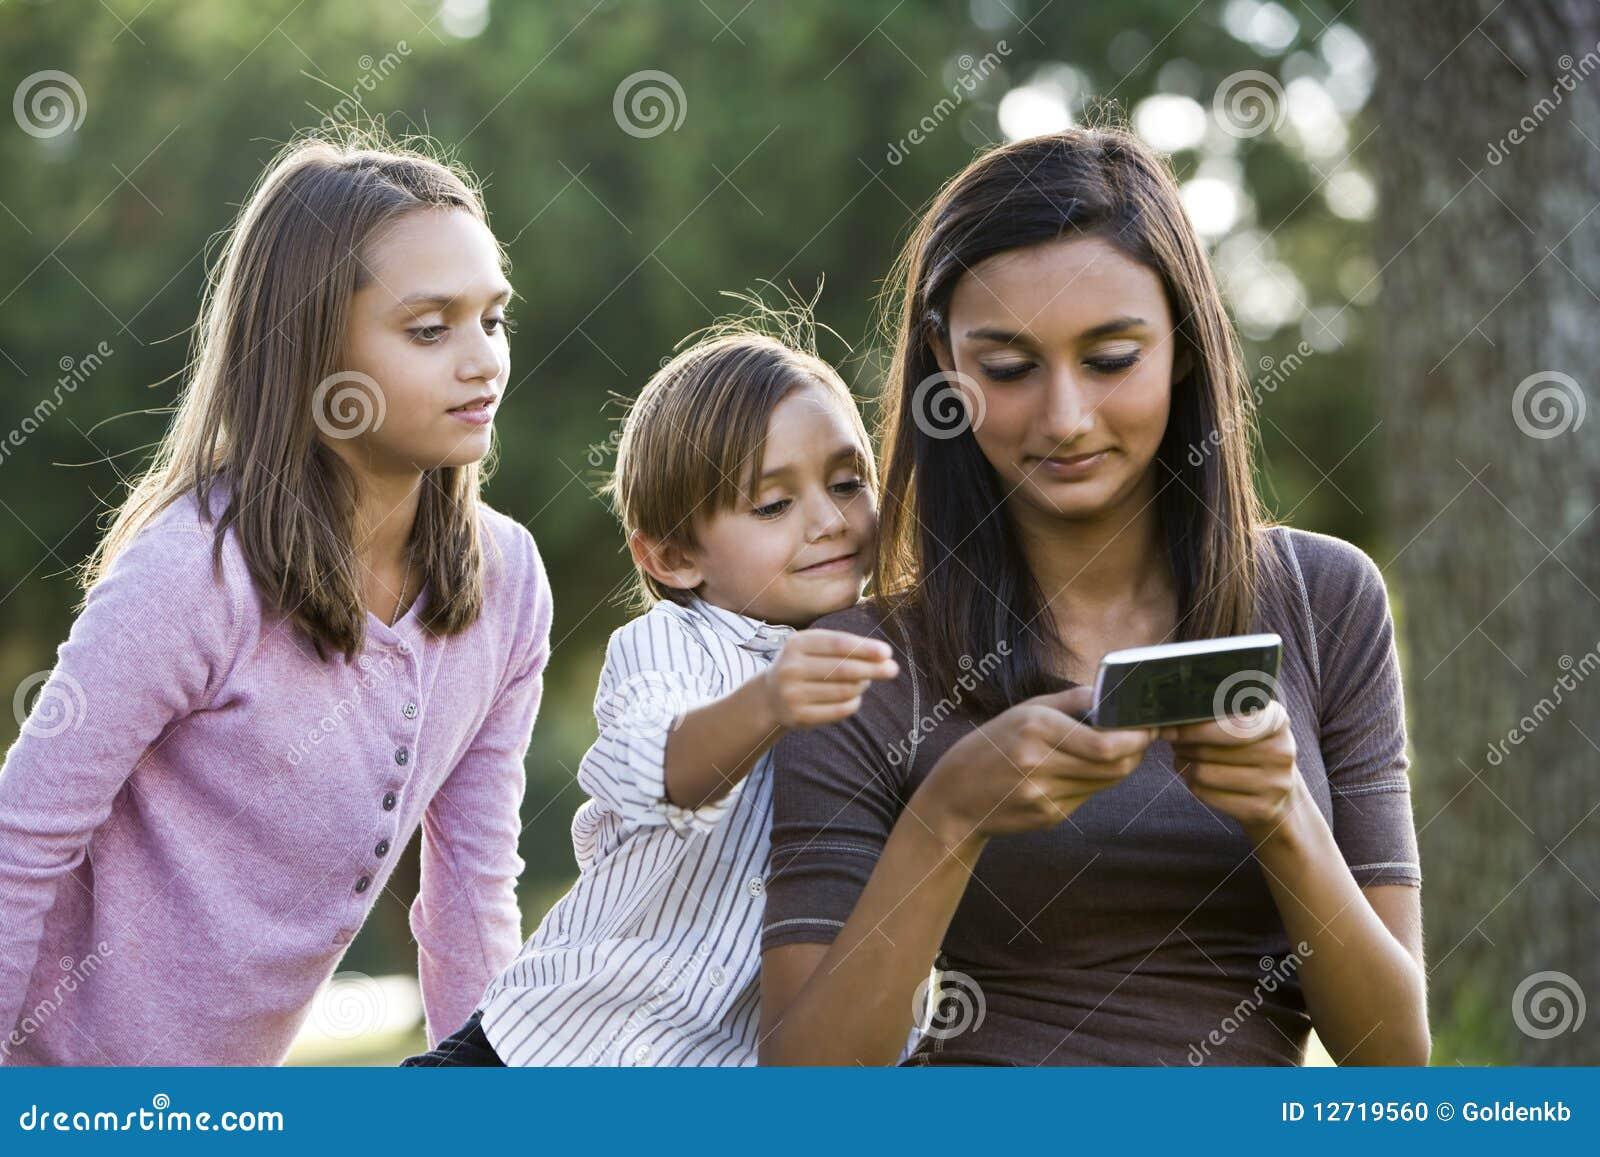 Fille de l adolescence texting, une plus jeune montre d enfants de mêmes parents